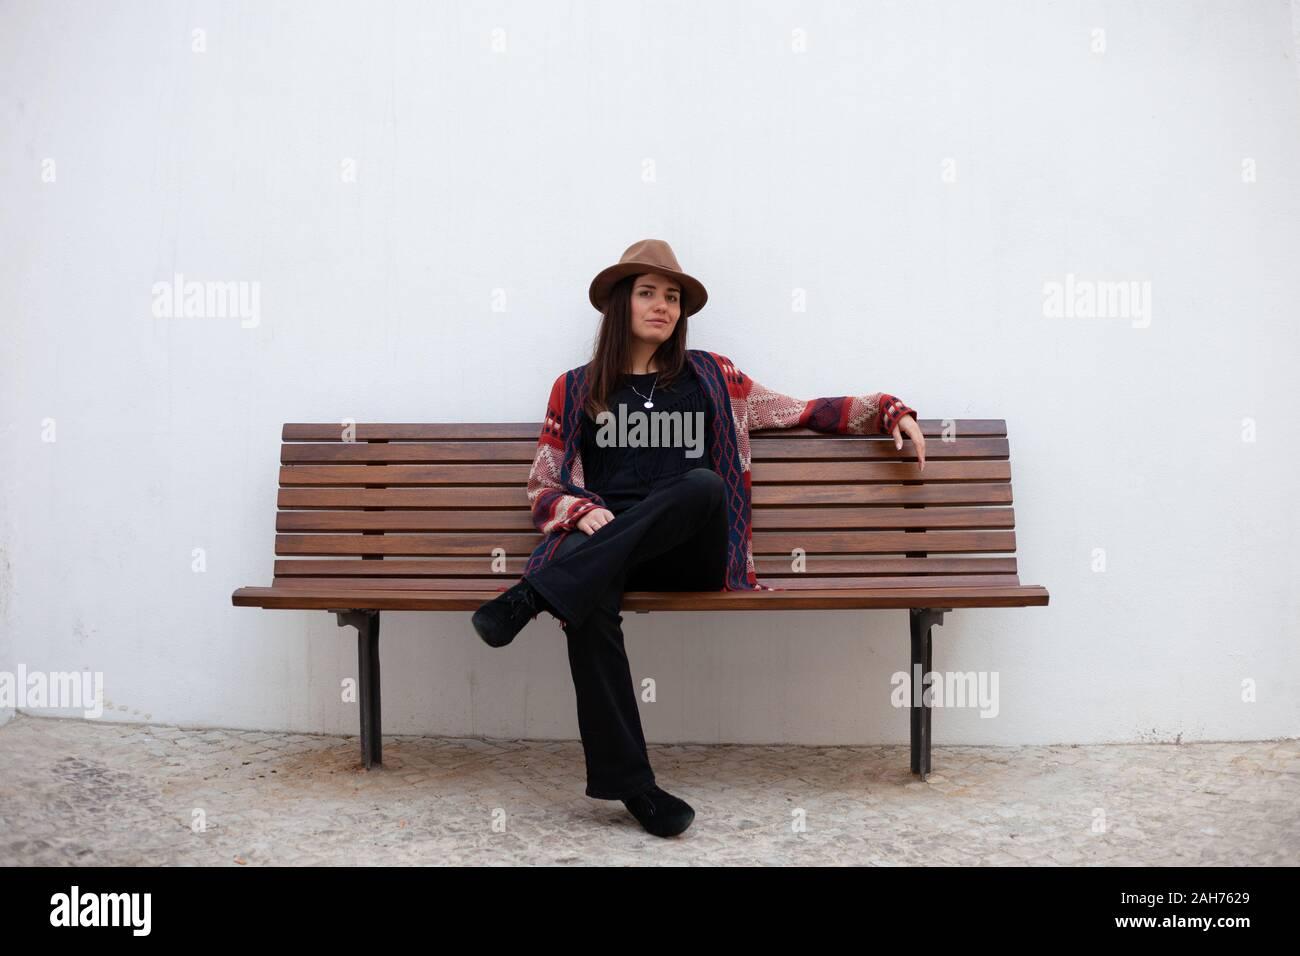 Belle femme élégante avec chapeau assis sur un banc de parc sur mur Banque D'Images